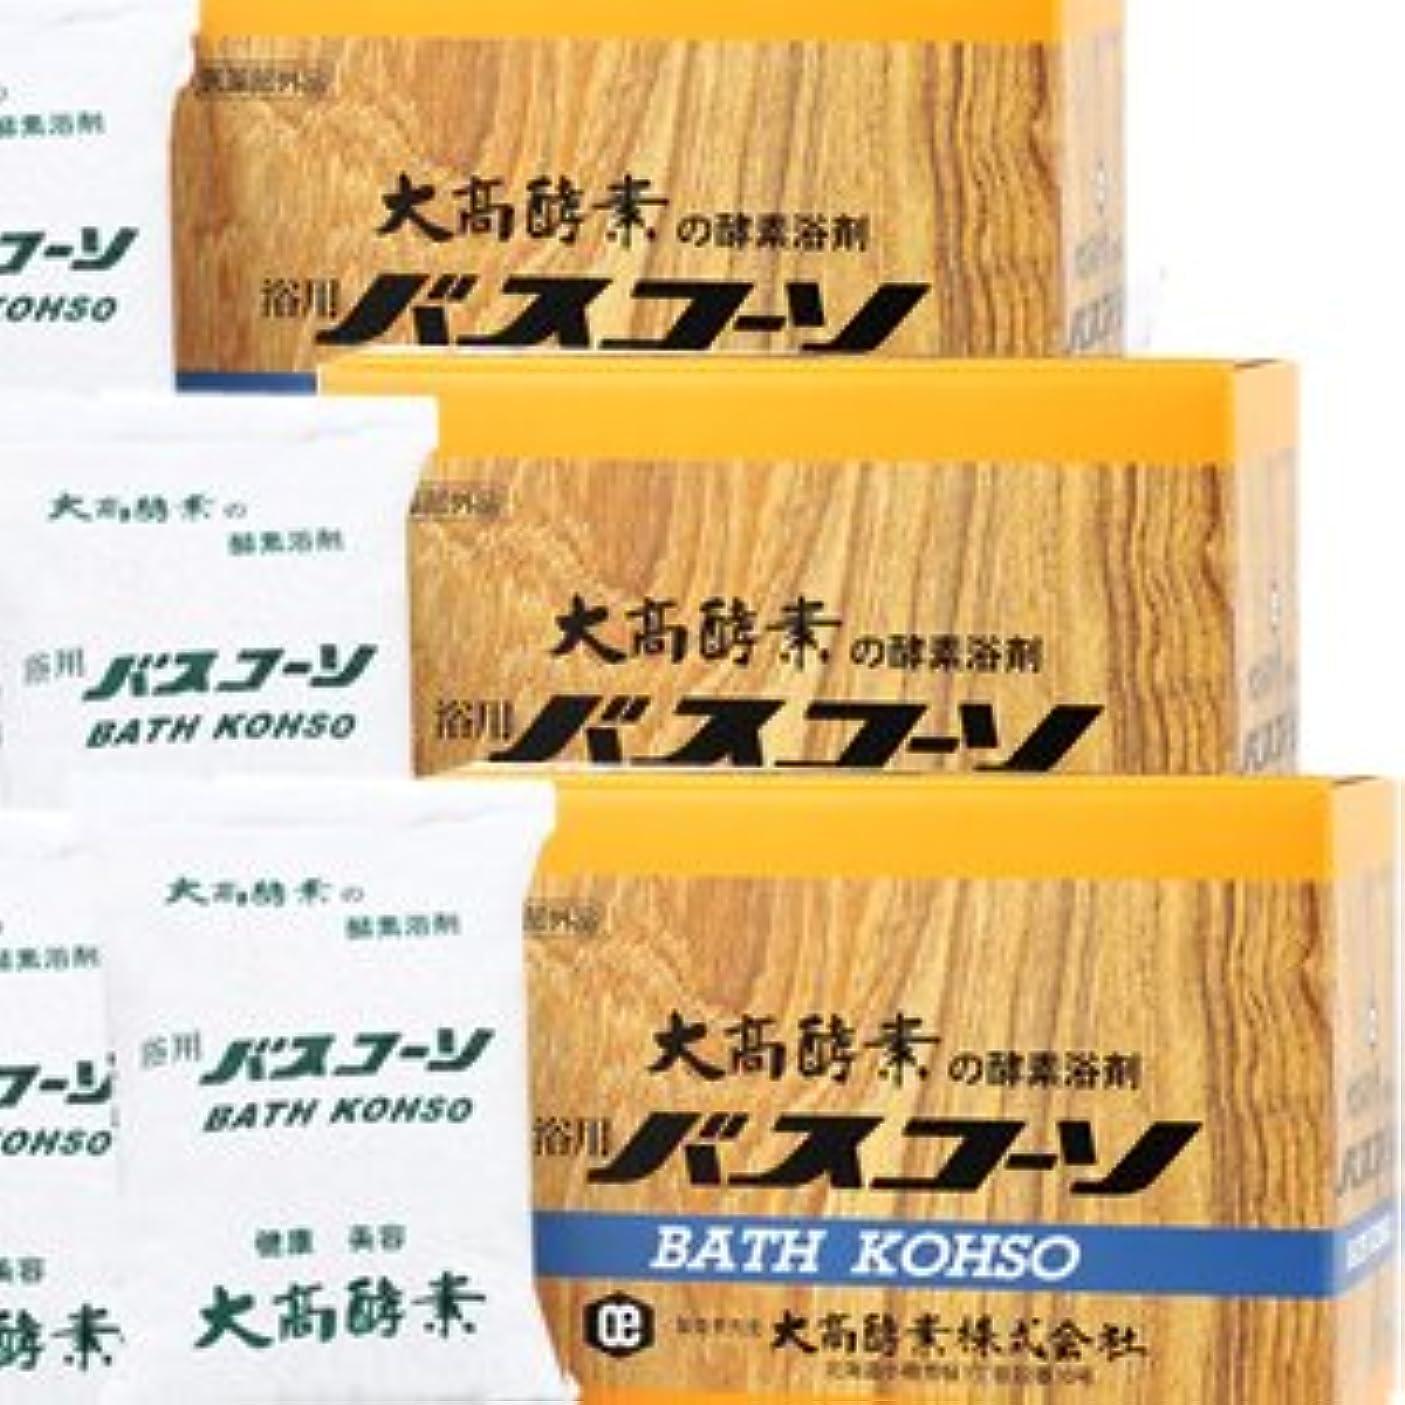 生物学すみませんしない【3個】 大高酵素 バスコーソ酵素入浴剤(100g×6袋)x3個 4971578001095